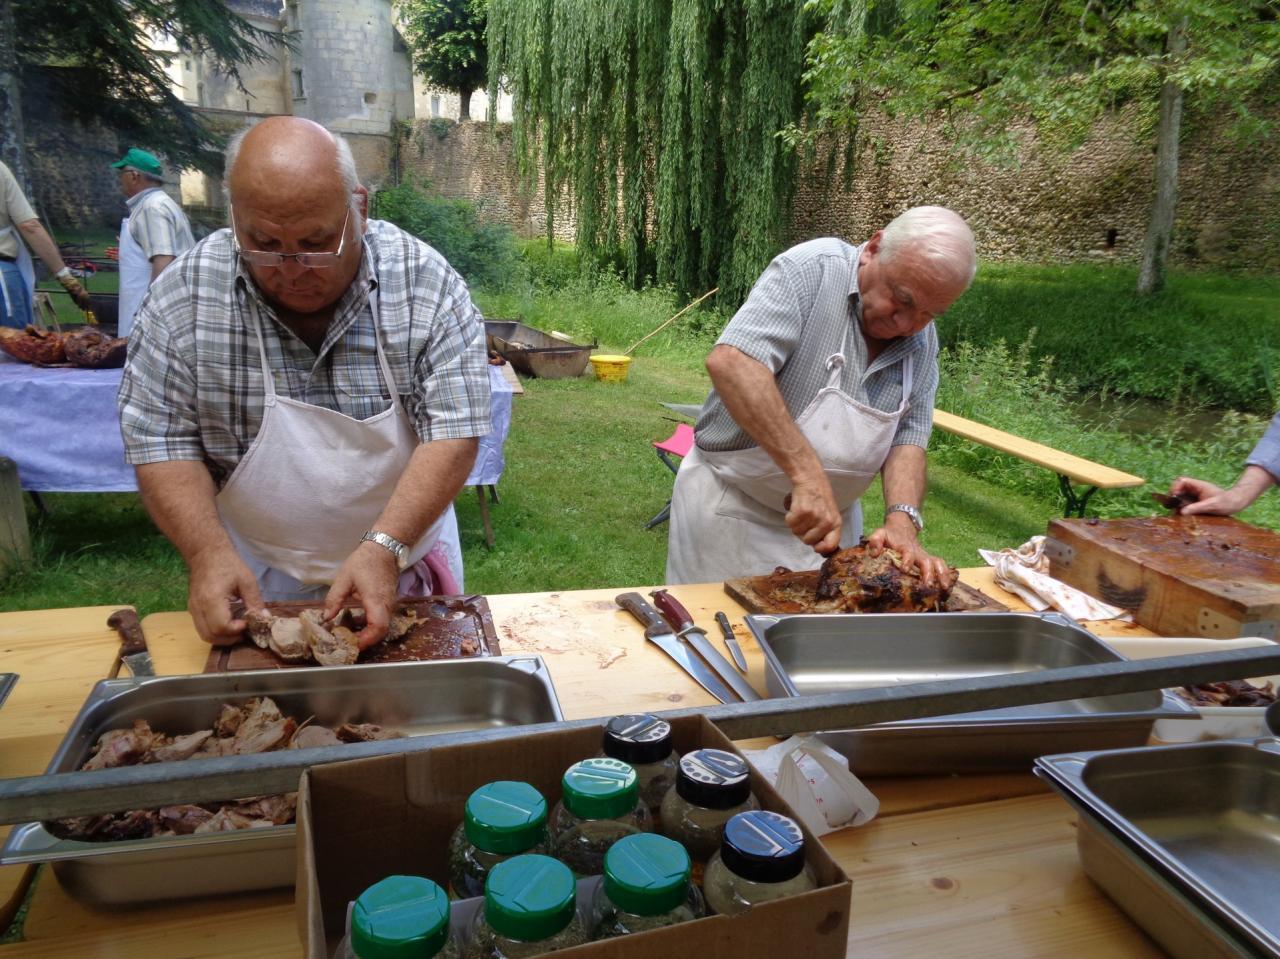 Après la cuisson, la découpe de la viande...